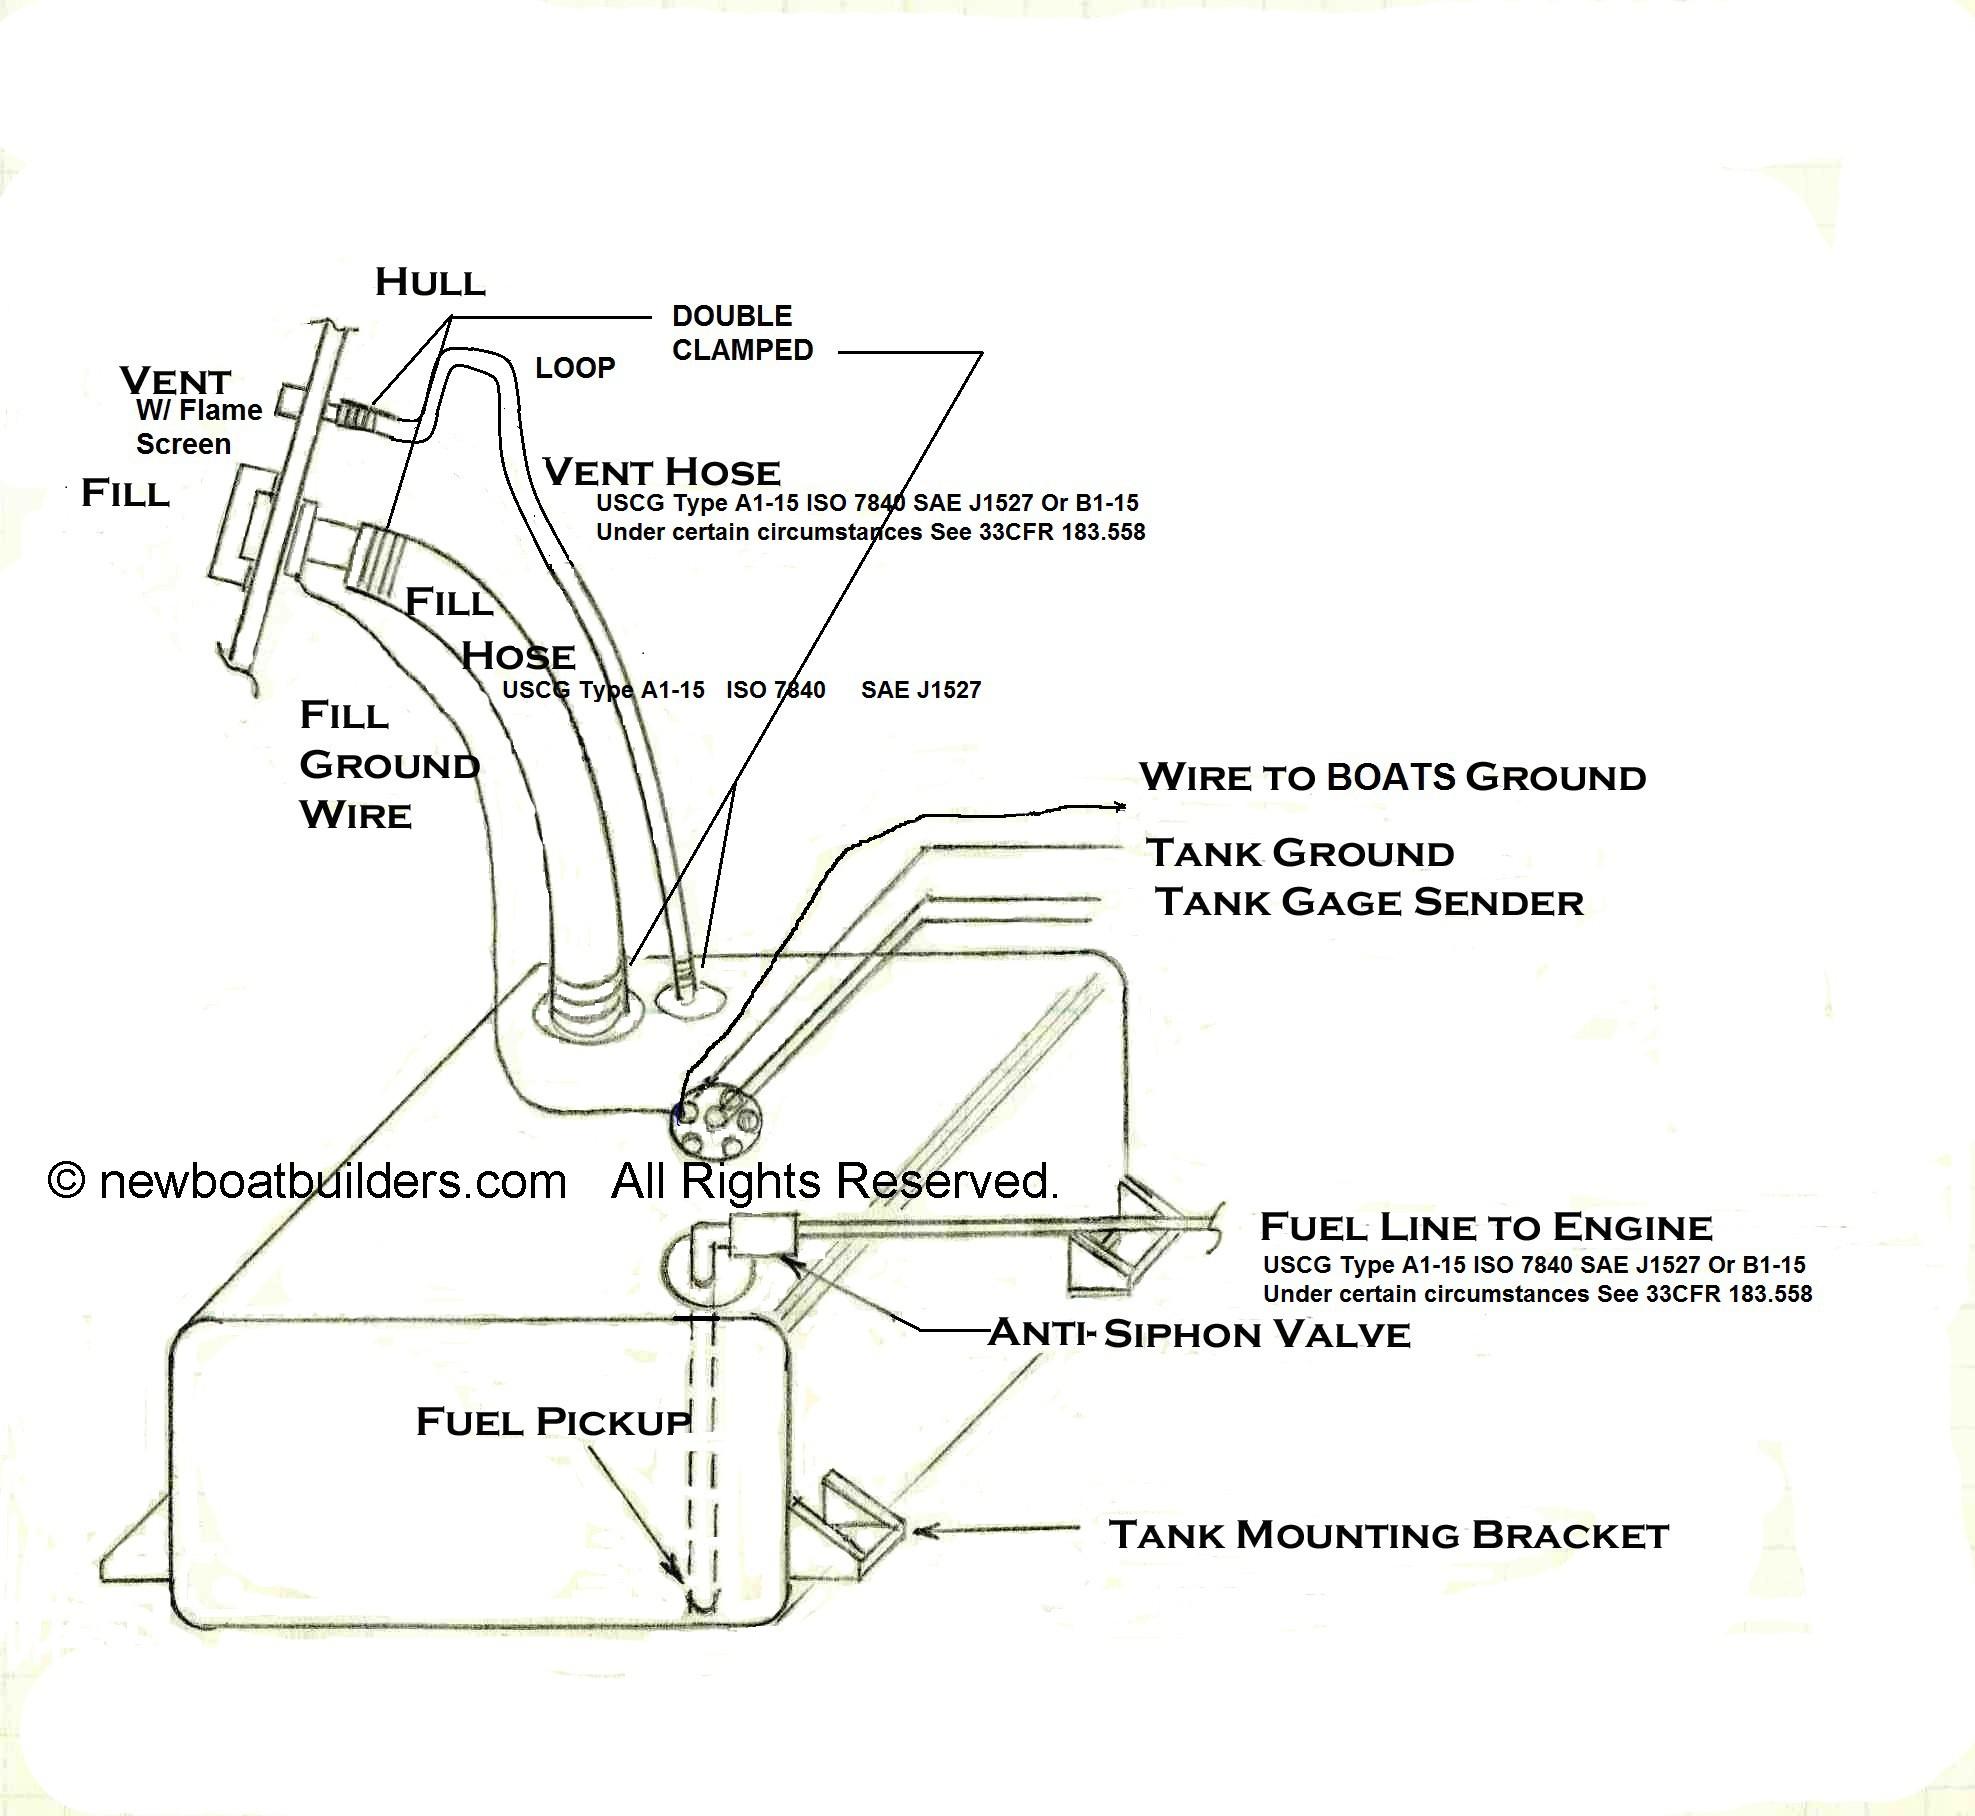 Car Fuel System Diagram Car Fuel Tank Diagram Car Fuel Tank Diagram Boat Building Of Car Fuel System Diagram